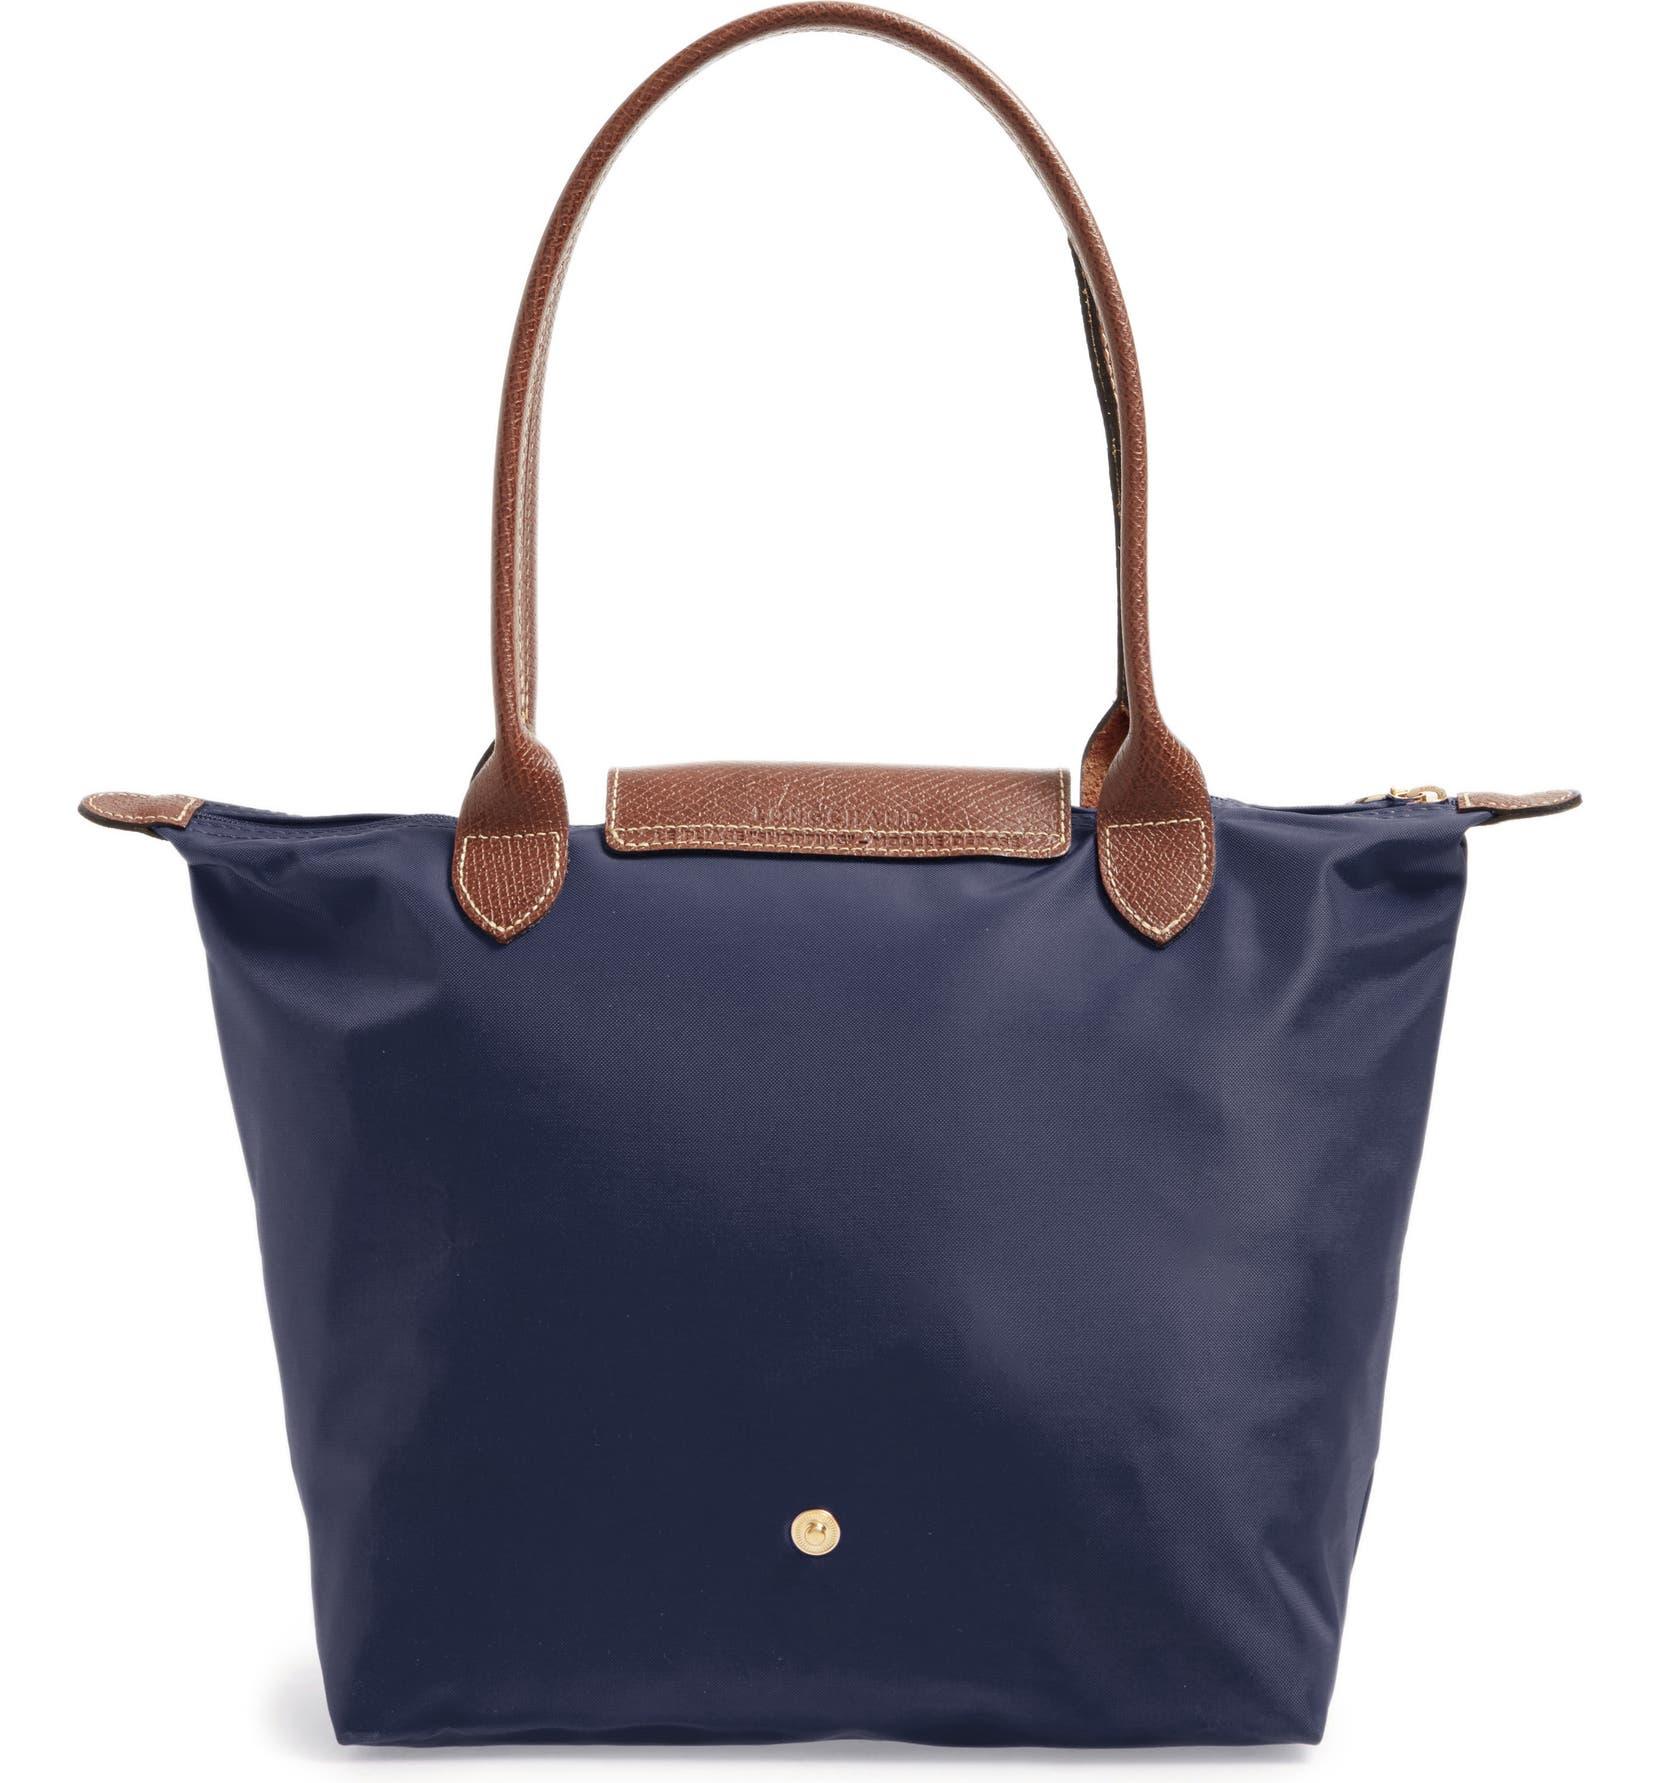 774734e86424 Longchamp 'Small Le Pliage' Tote | Nordstrom